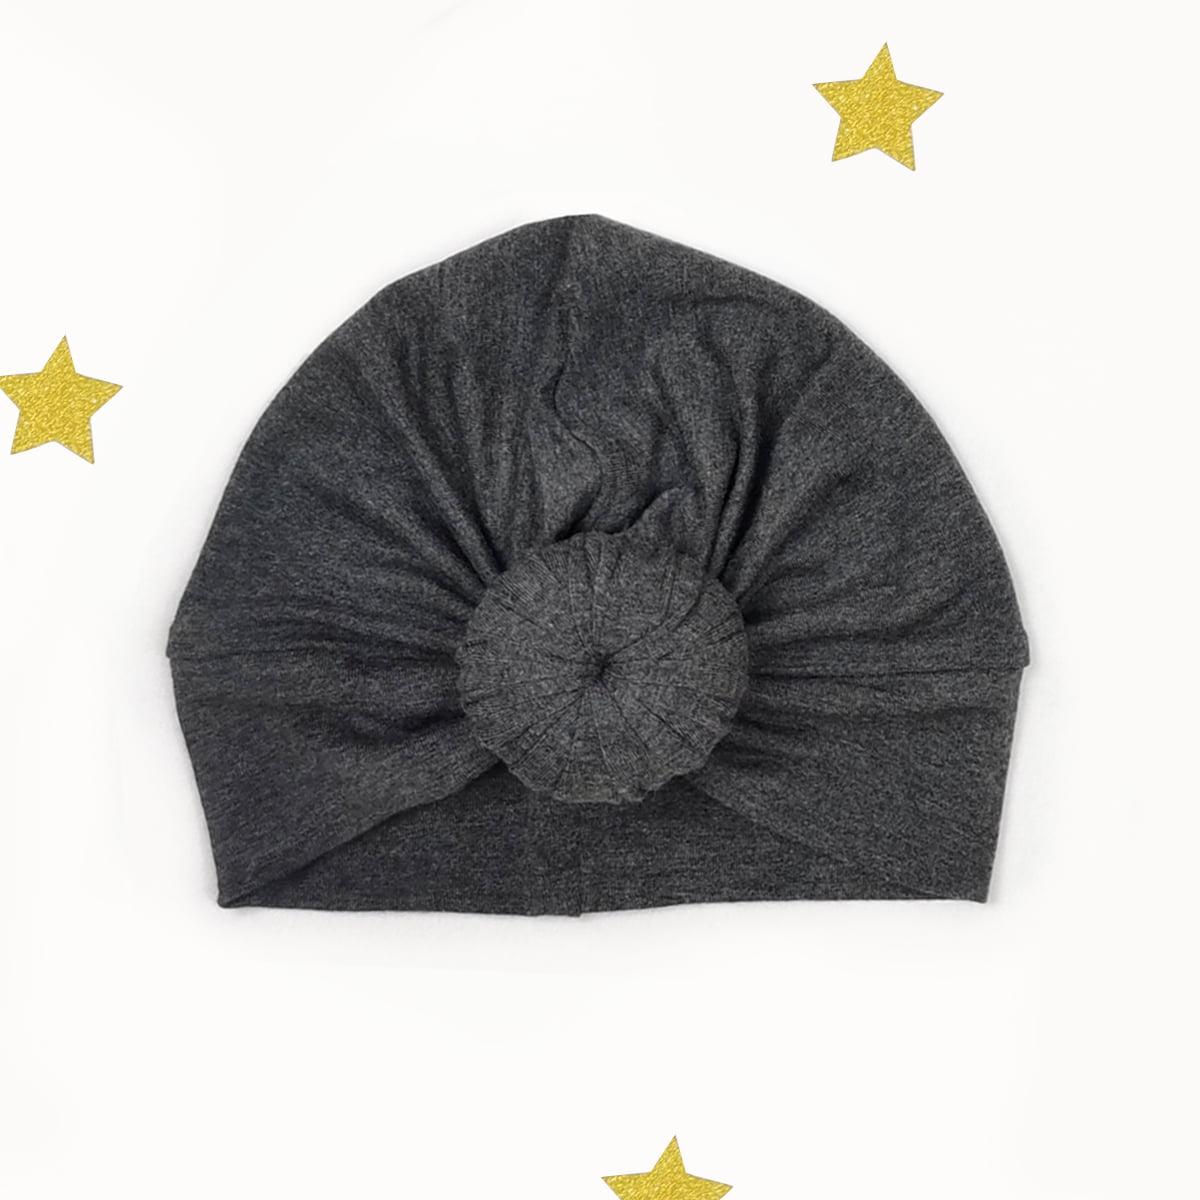 tamno sivi twist turban za proljeće